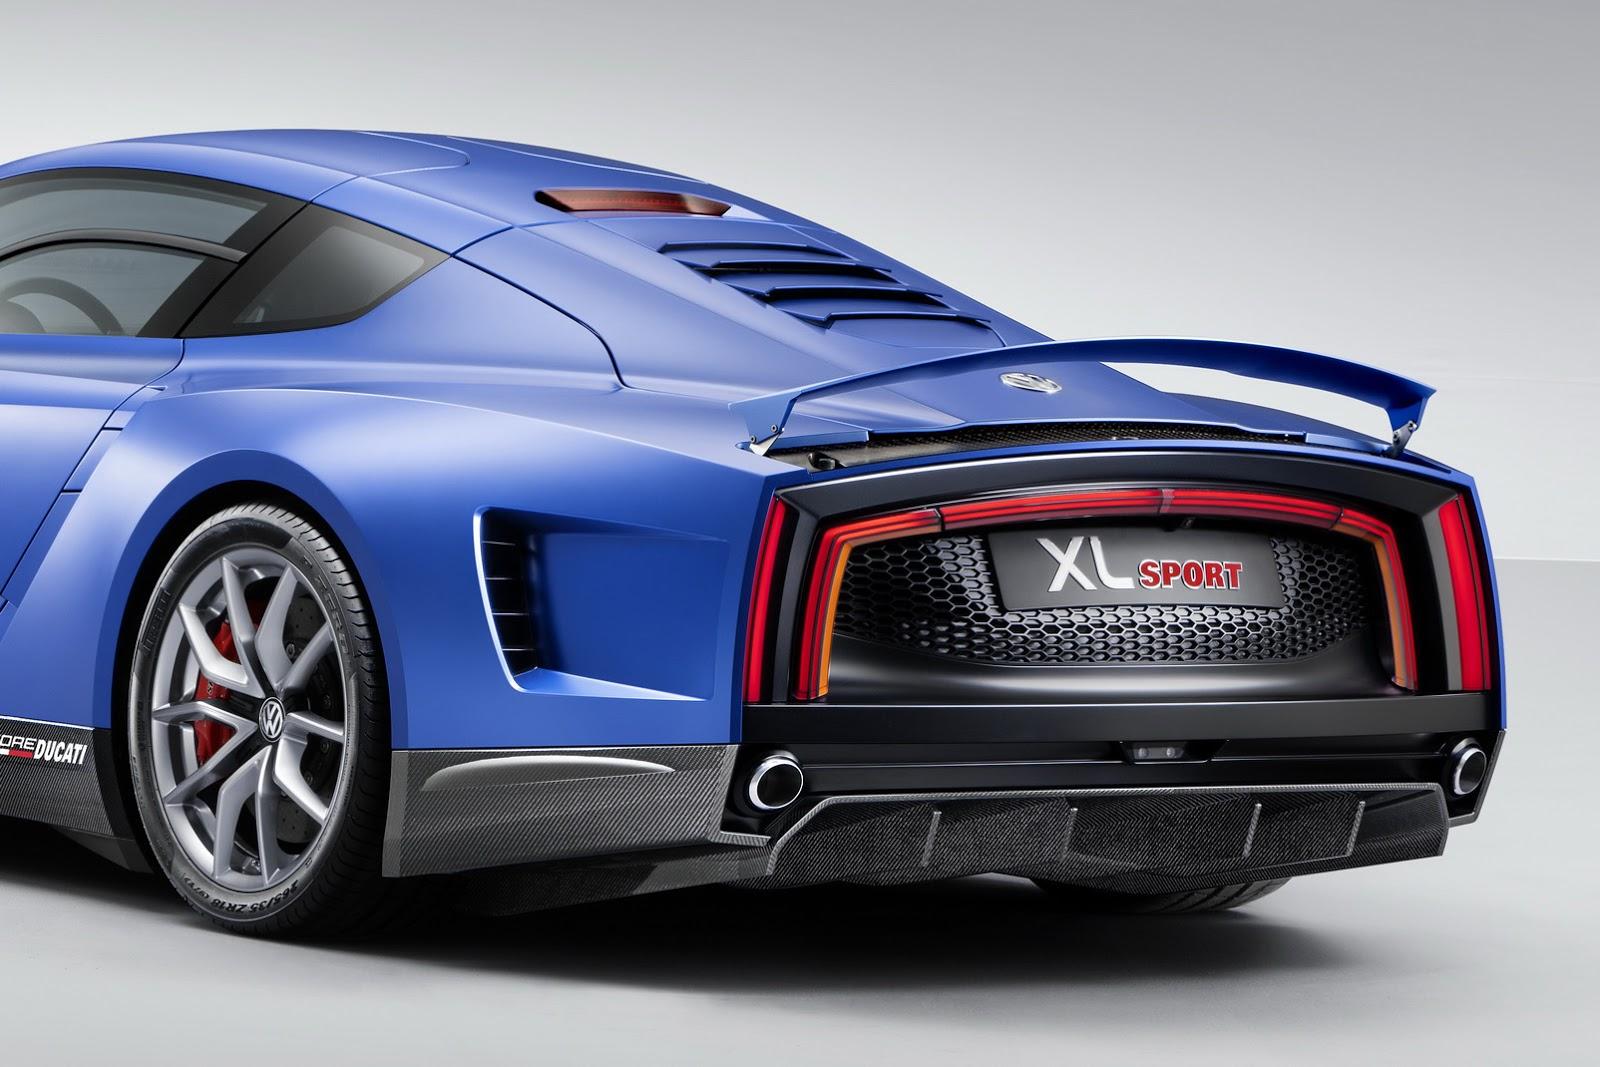 Volkswagen vừa giới thiệu một mẫu Concept hiệu suất cao có tên là XL Sport tại triển lãm xe hơi Paris 2014